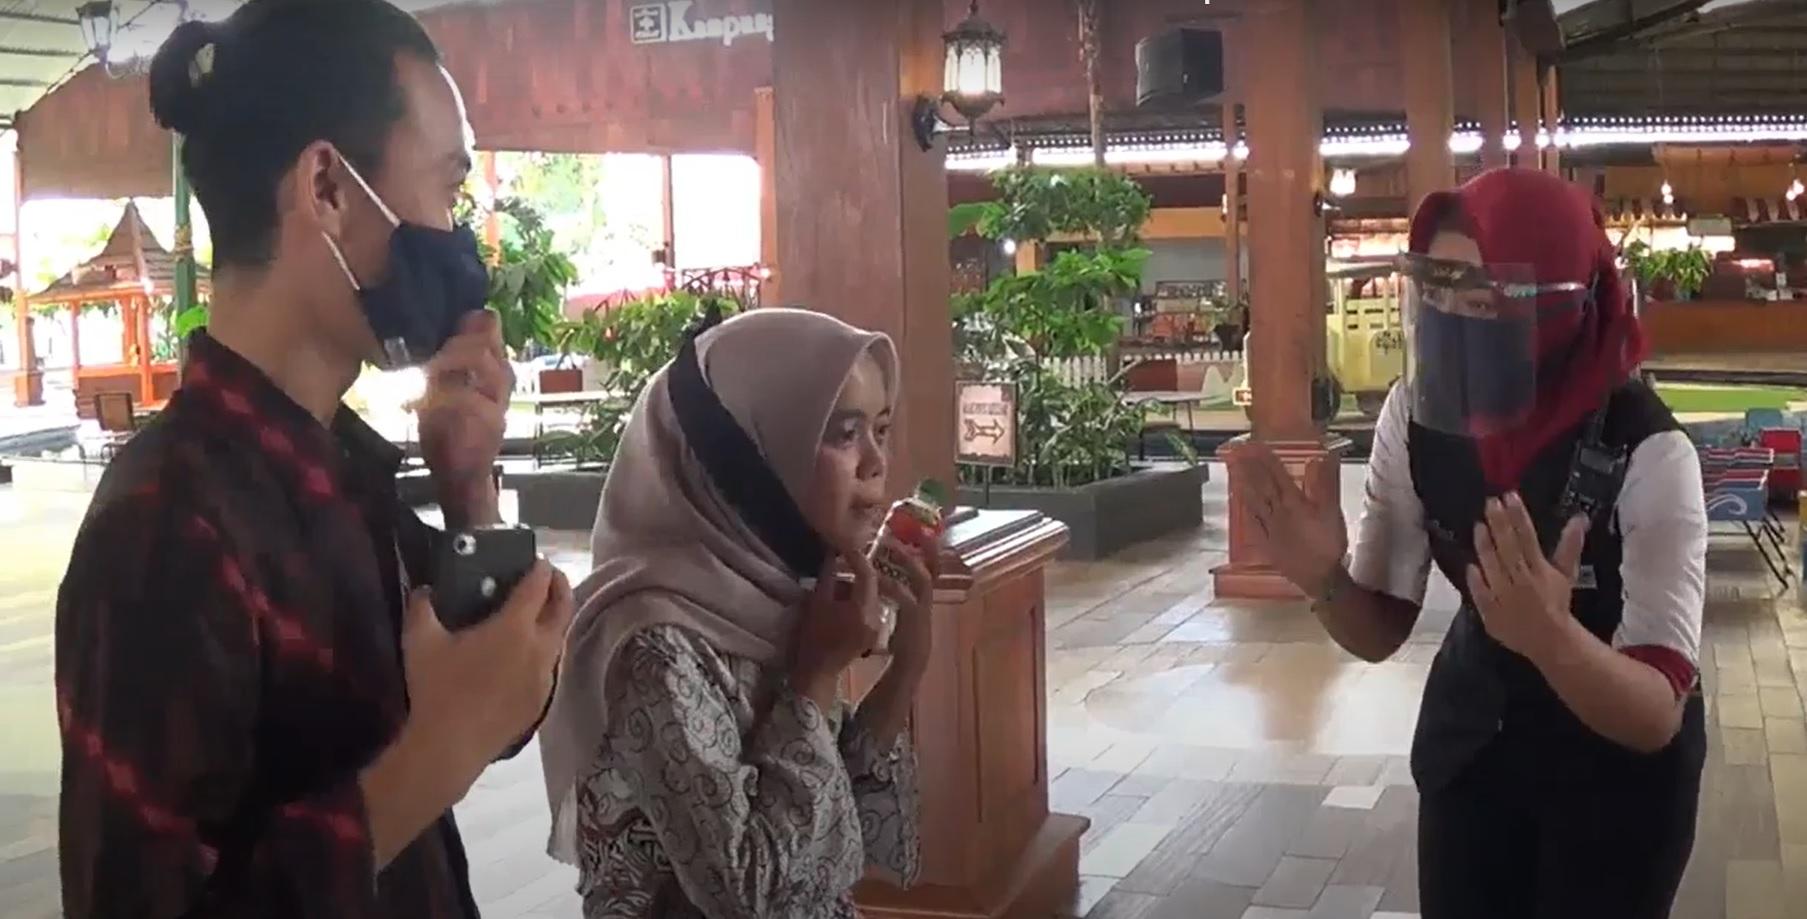 Penerapan protokol kesehata di kampung cokelat (Foto / Metro TV)